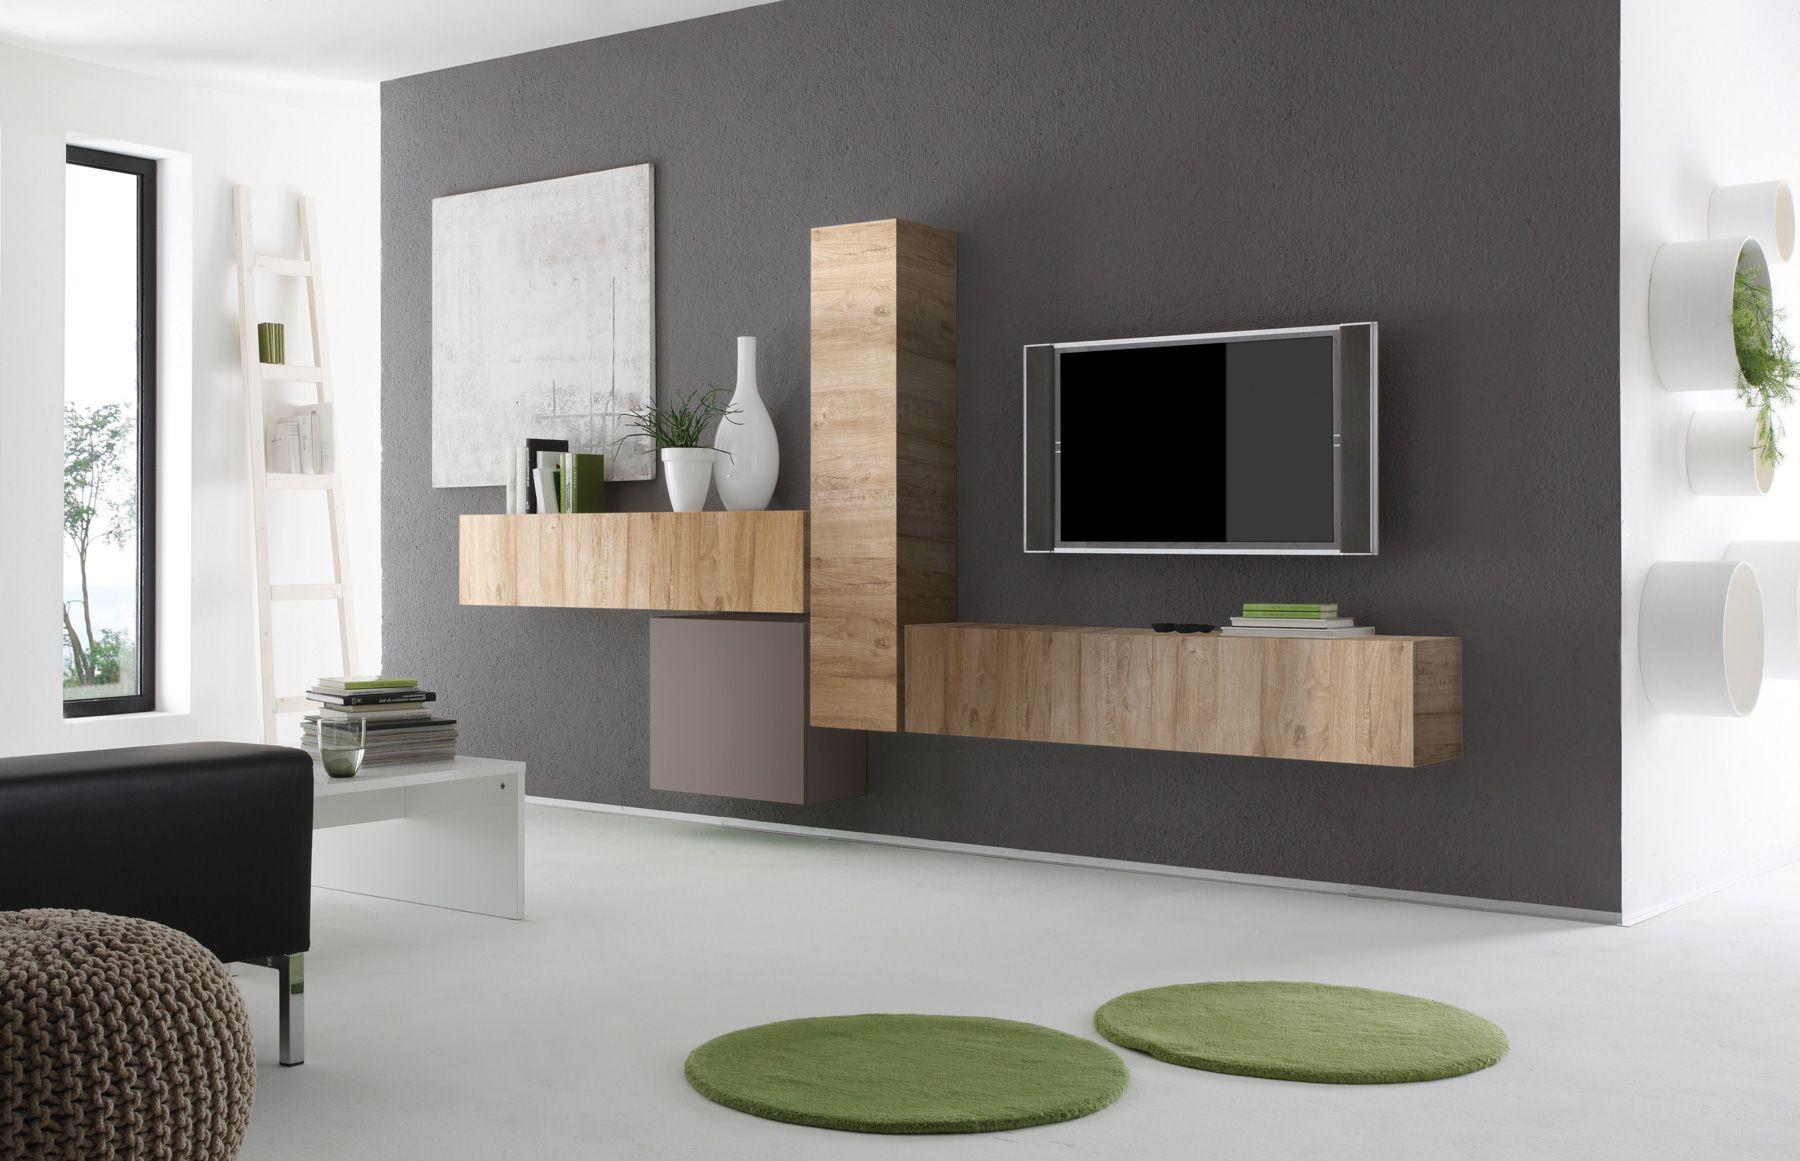 Wohnwand Eiche Natur Beige Matt Italien Cubilo26 Designermöbel